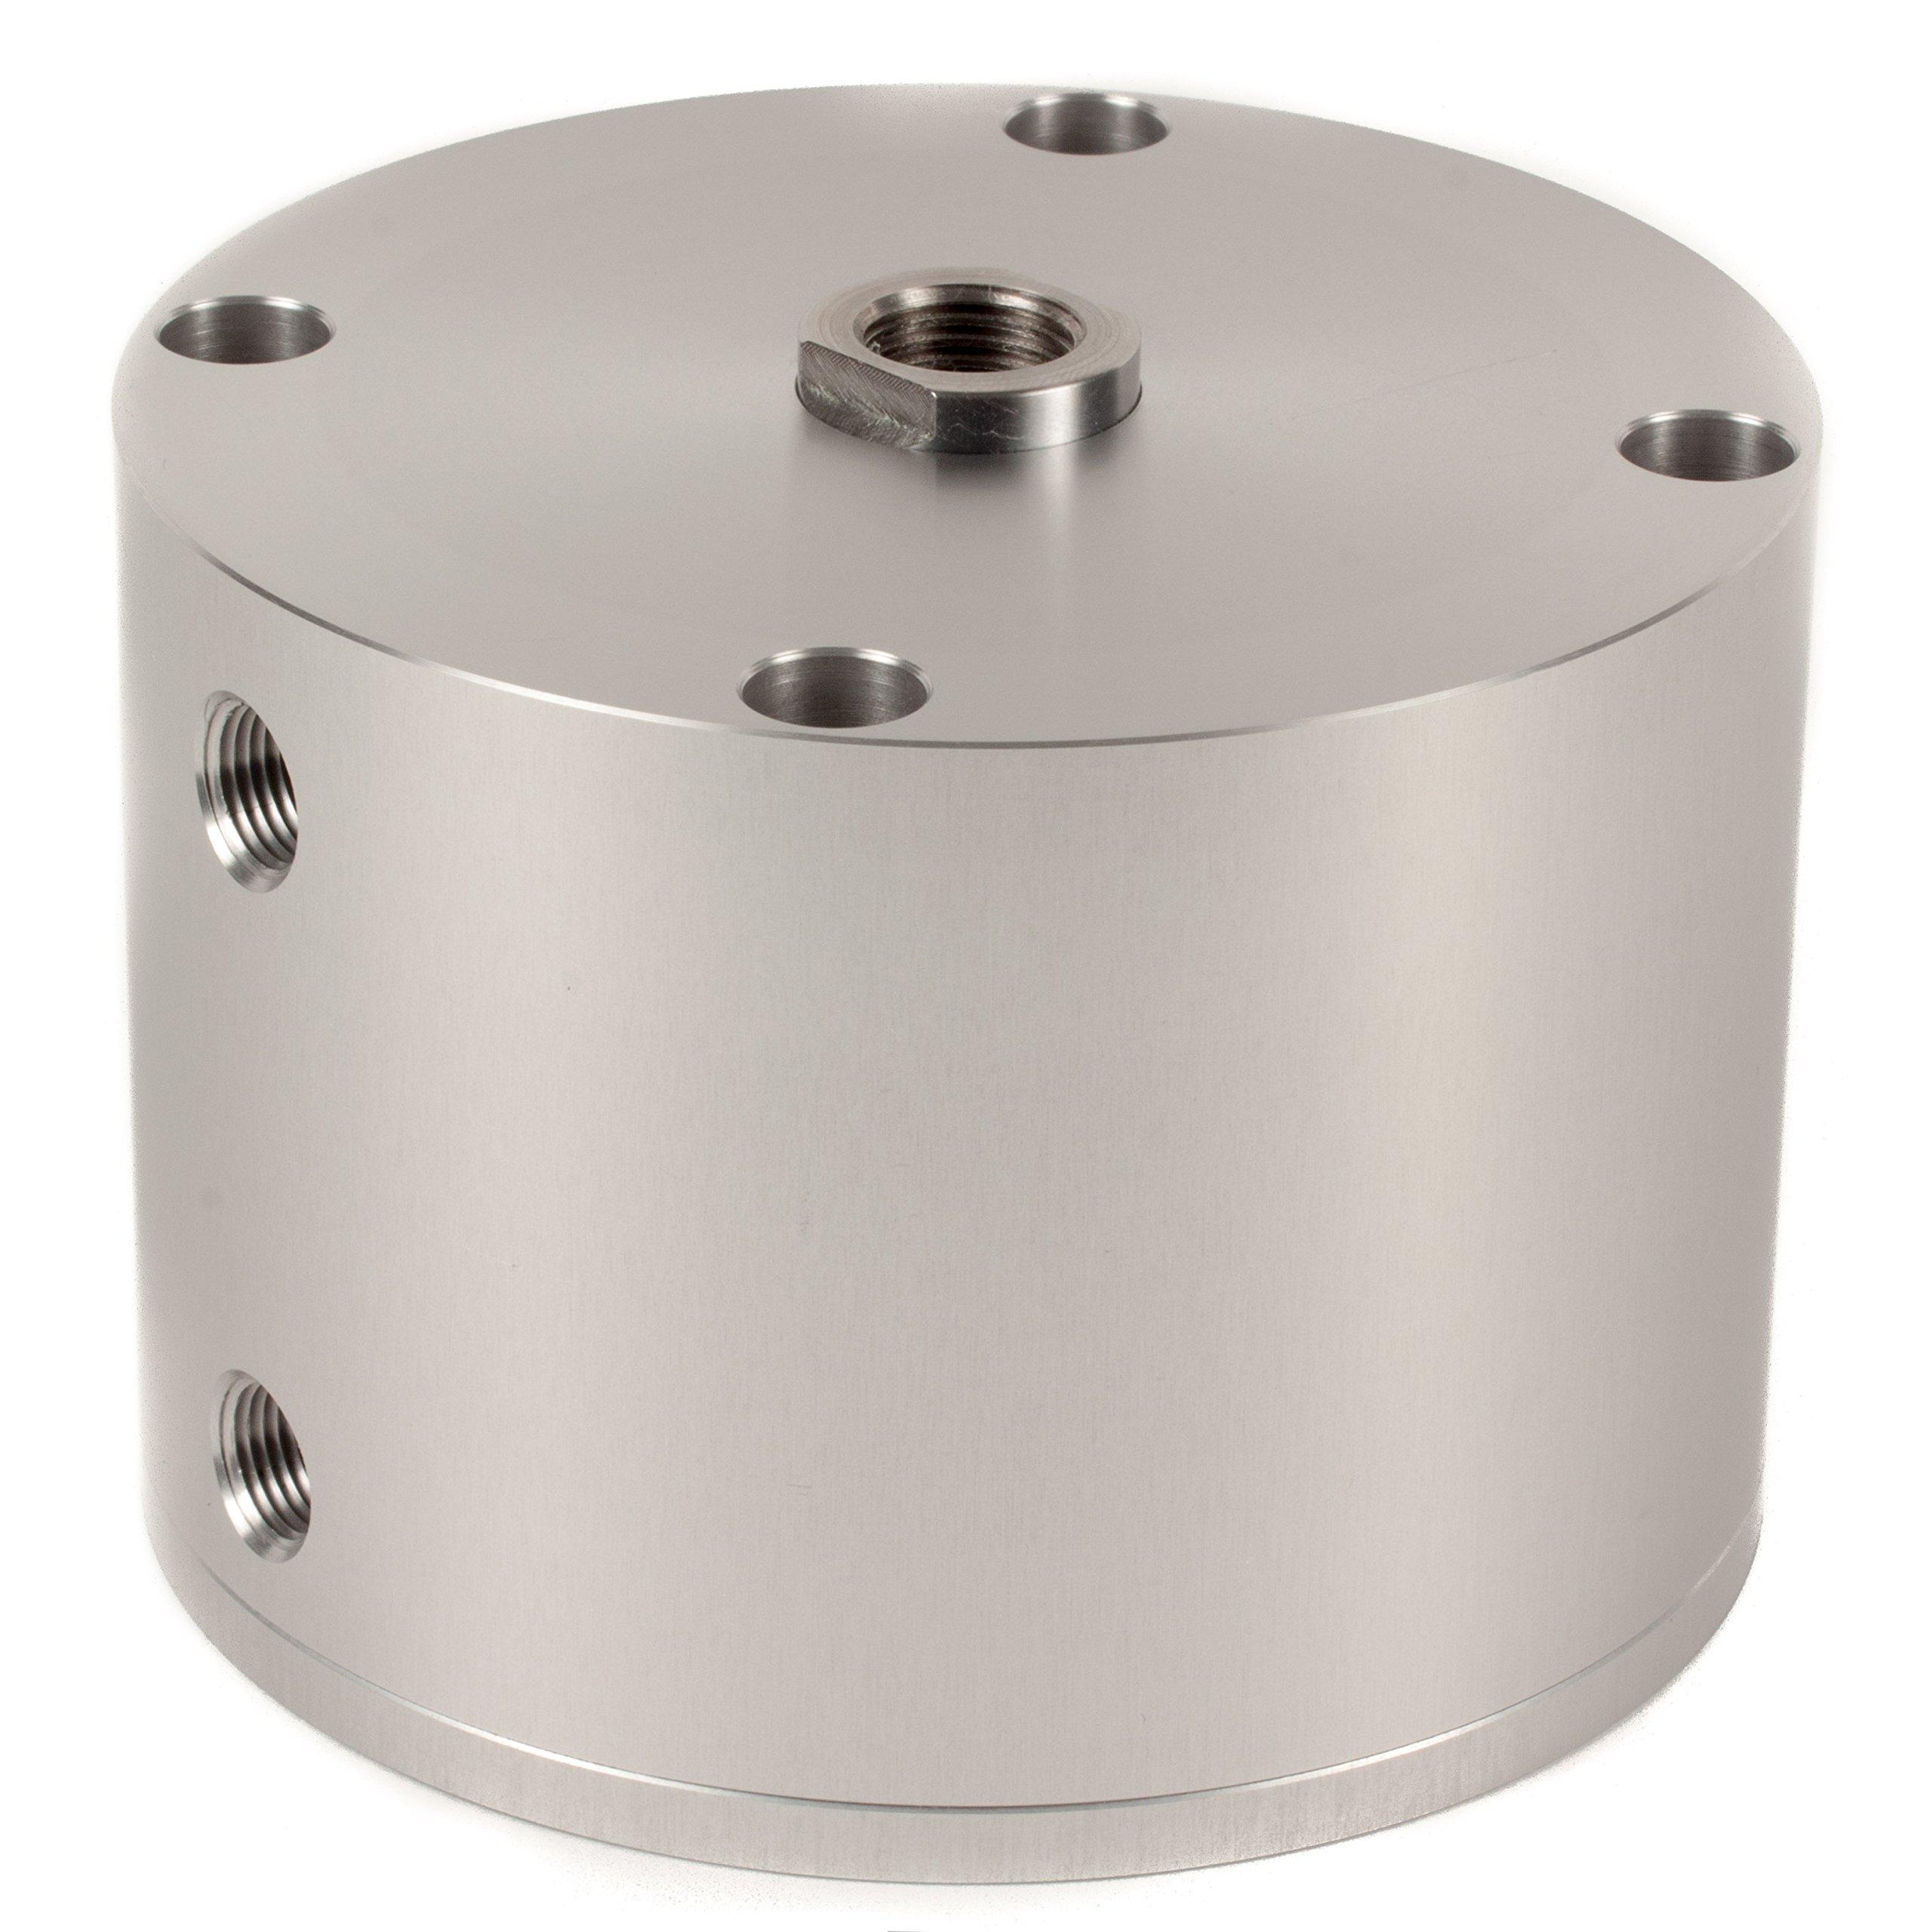 Fabco-Air D-521-X Original Pancake Cylinder, Double Acting, Maximum Pressure of 250 PSI, 2-1/2'' Bore Diameter x 1-1/2'' Stroke